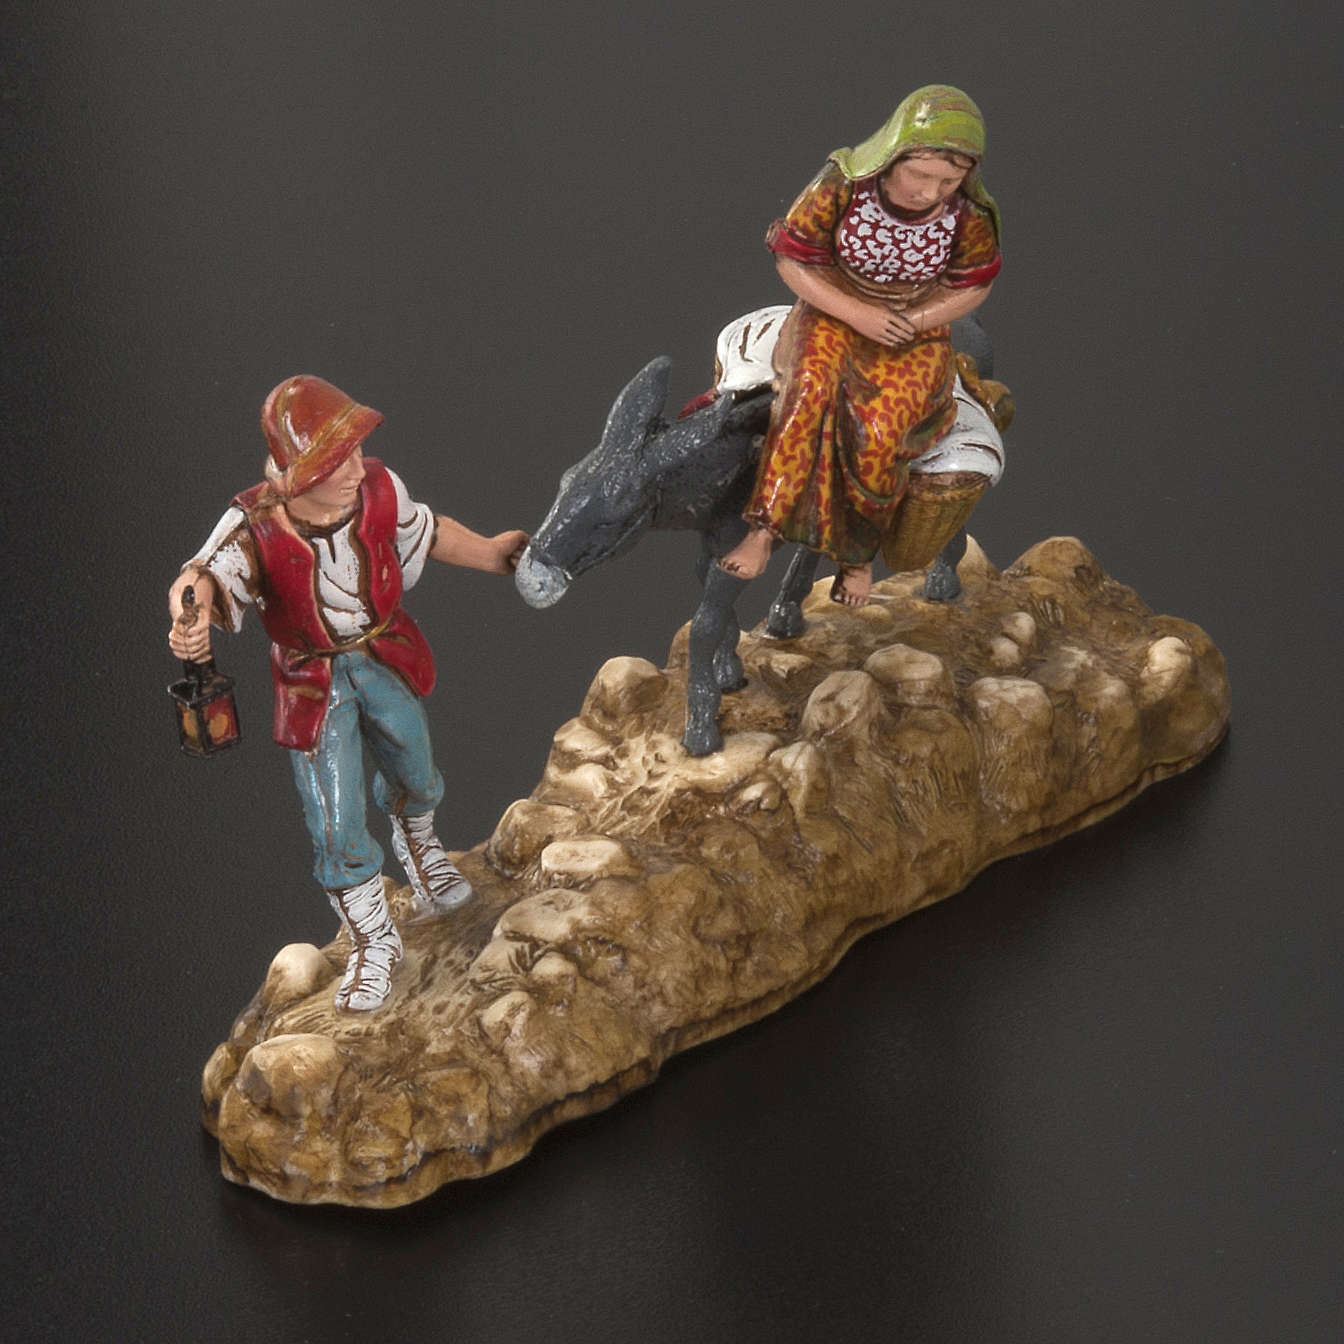 Statue presepe Moranduzzo pastore e asino con donna 10 cm 3